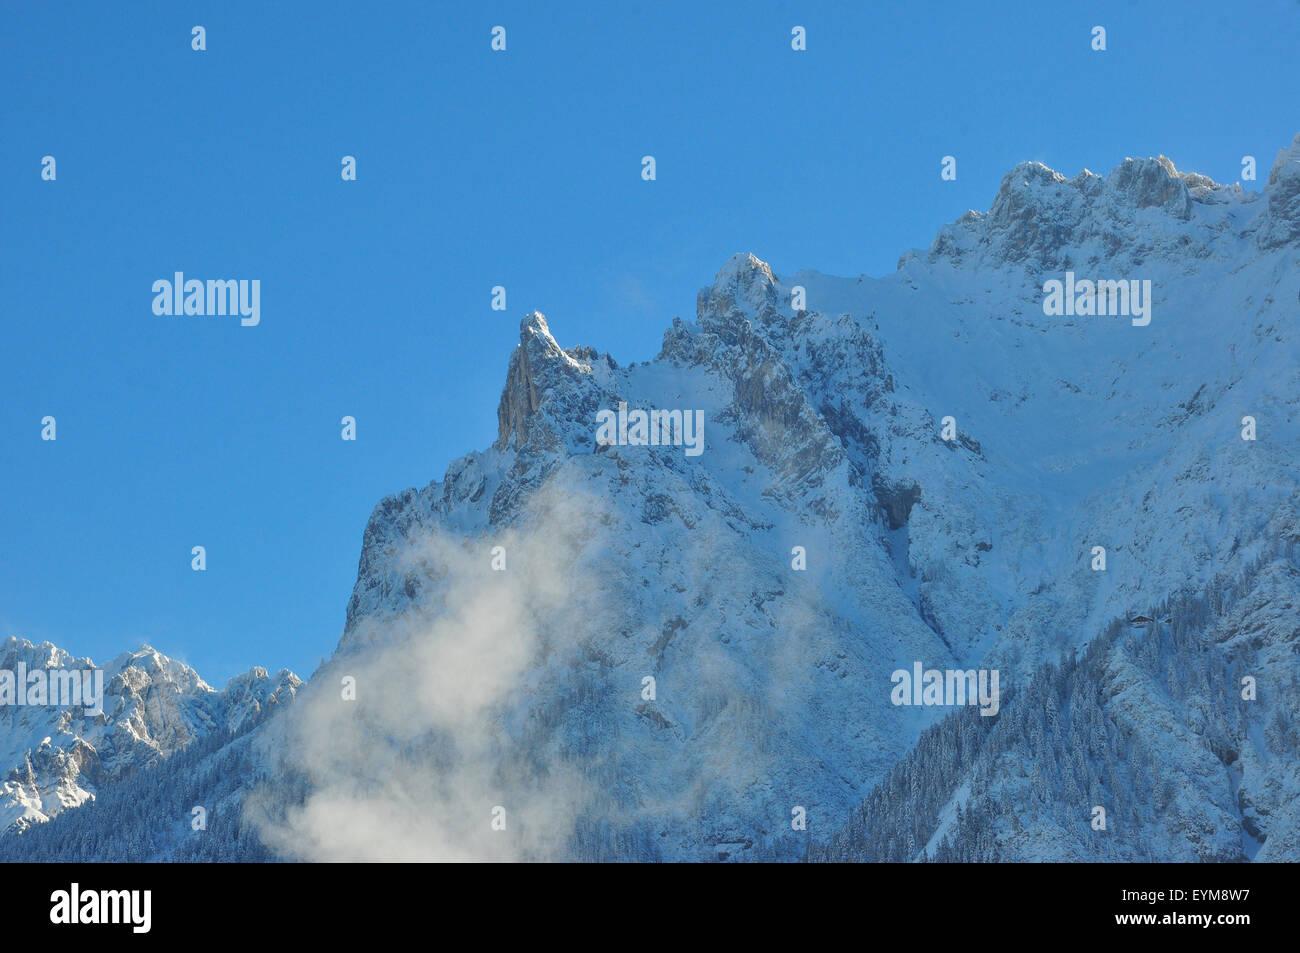 Deutschland, Bayern, Isartal, Winterlandschaft, Schornstein, rauchend, Bergspitzen - Stock Image